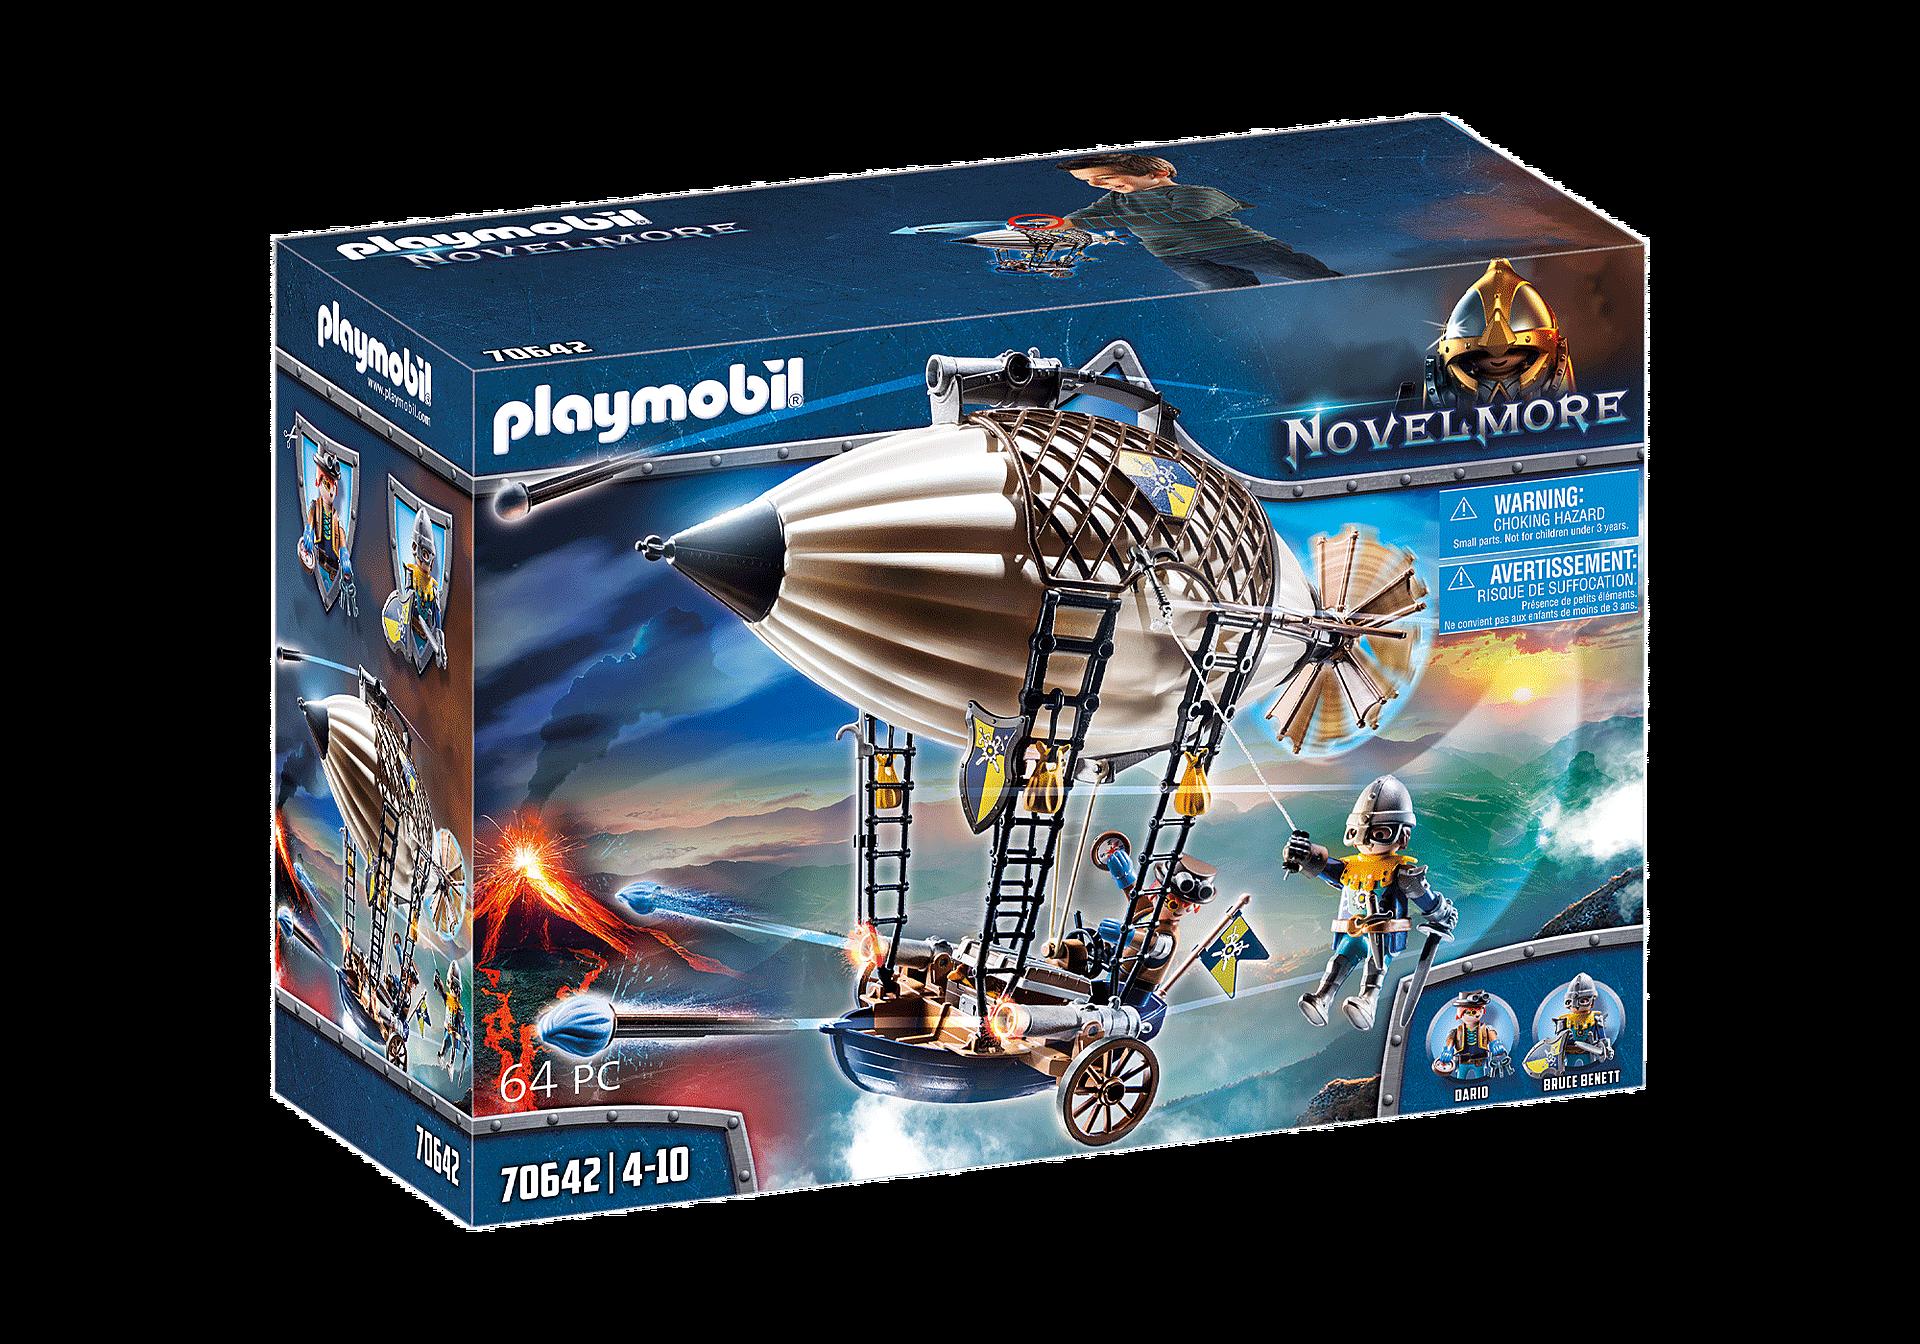 Playmobil - Novelmore - Darios zeppelin (70642)